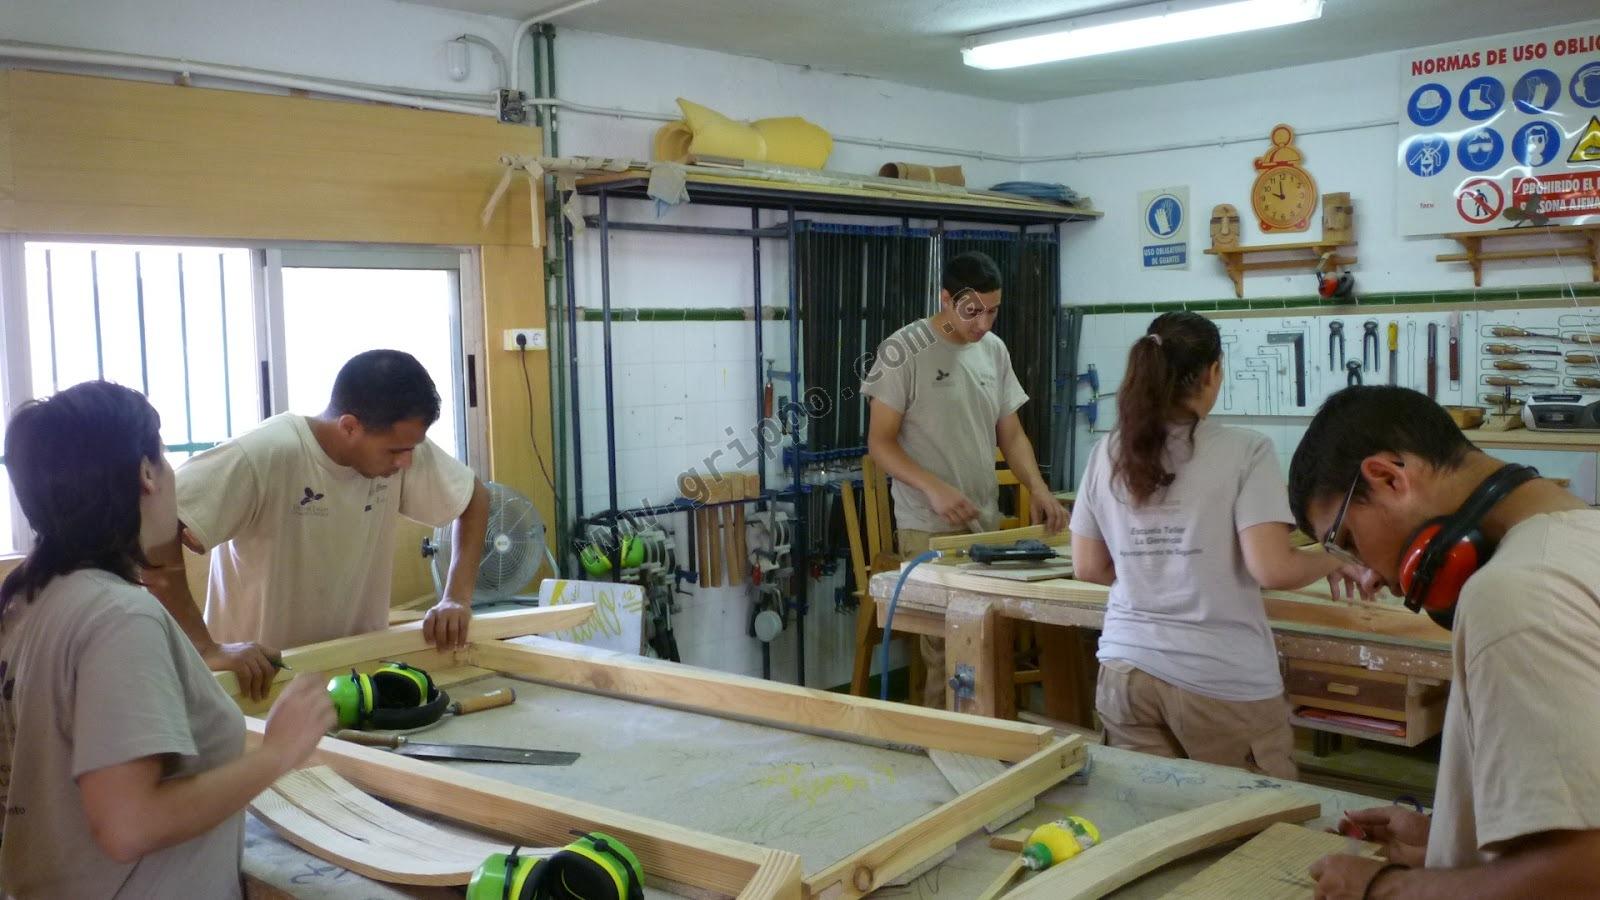 Curso de carpinteria y fabricacion de muebles on line gratis for Software fabricacion de muebles